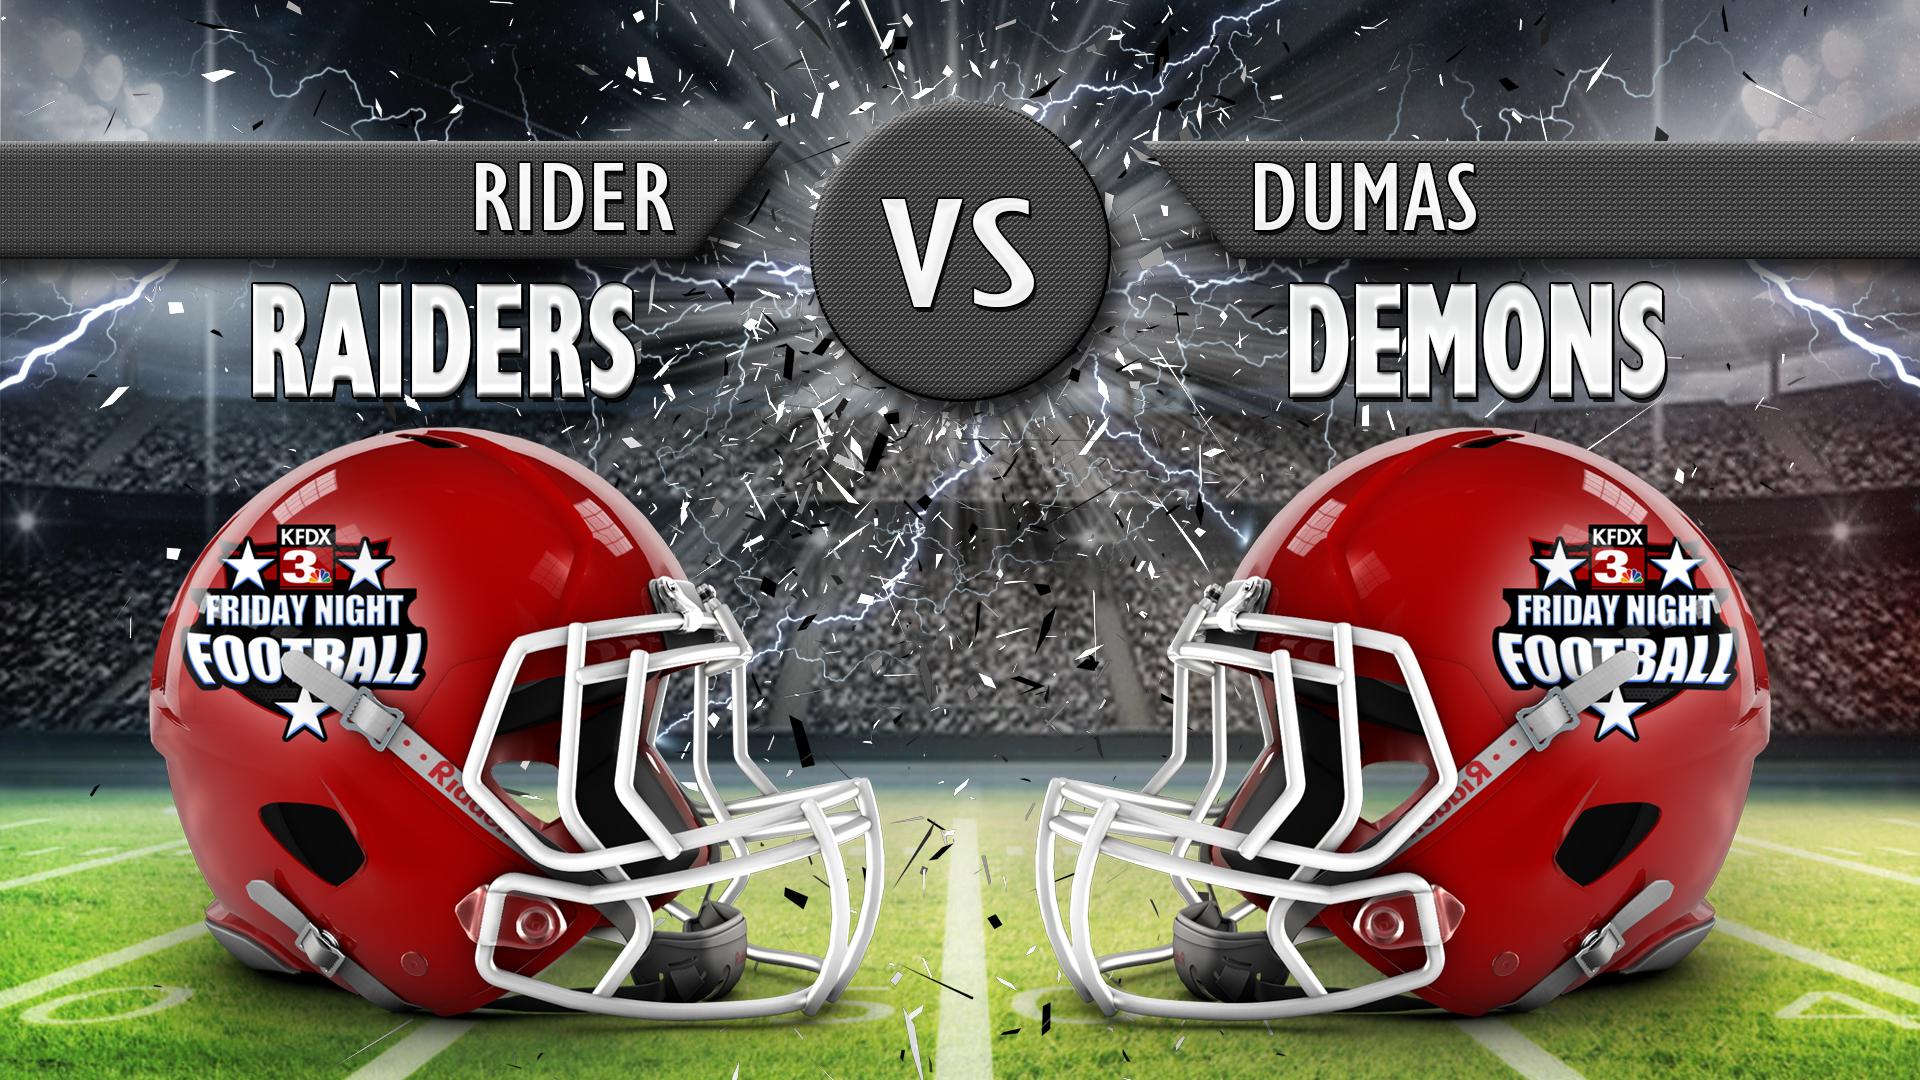 RIDER VS DUMAS_1538146807478.jpg.jpg